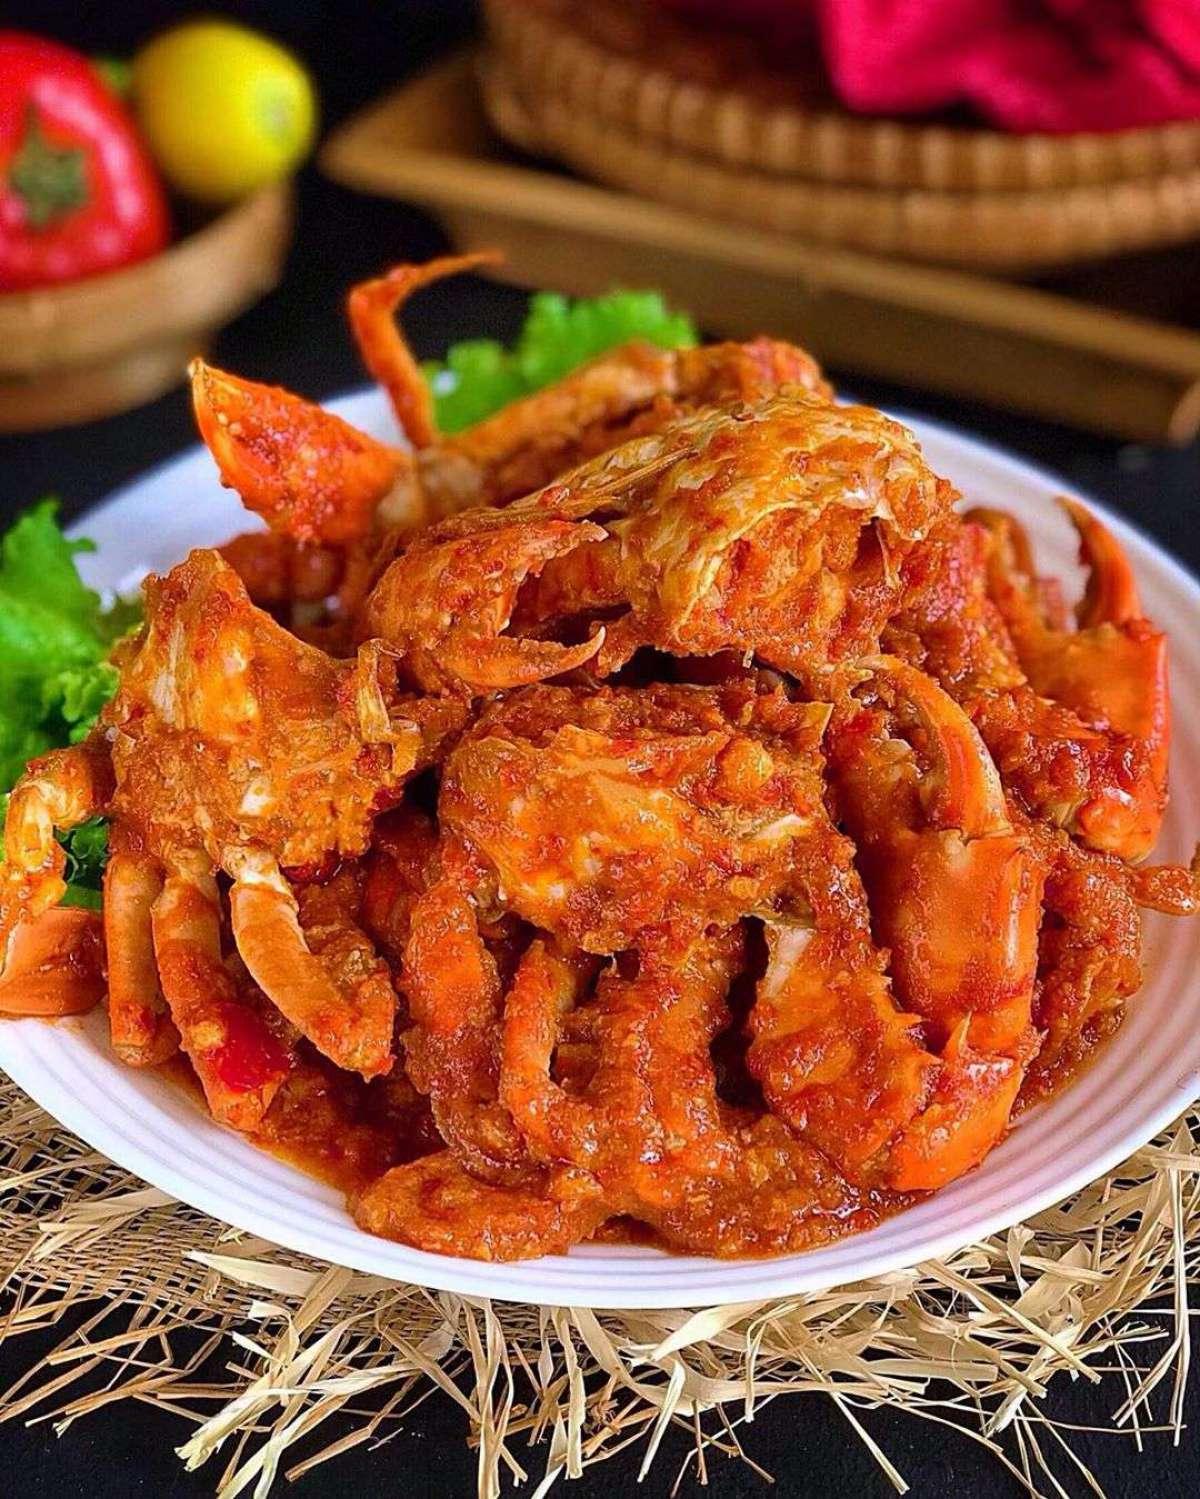 Cara Memasak Kepiting Pedas : memasak, kepiting, pedas, Resep, Kepiting, Pedas, Manis, Resepedia